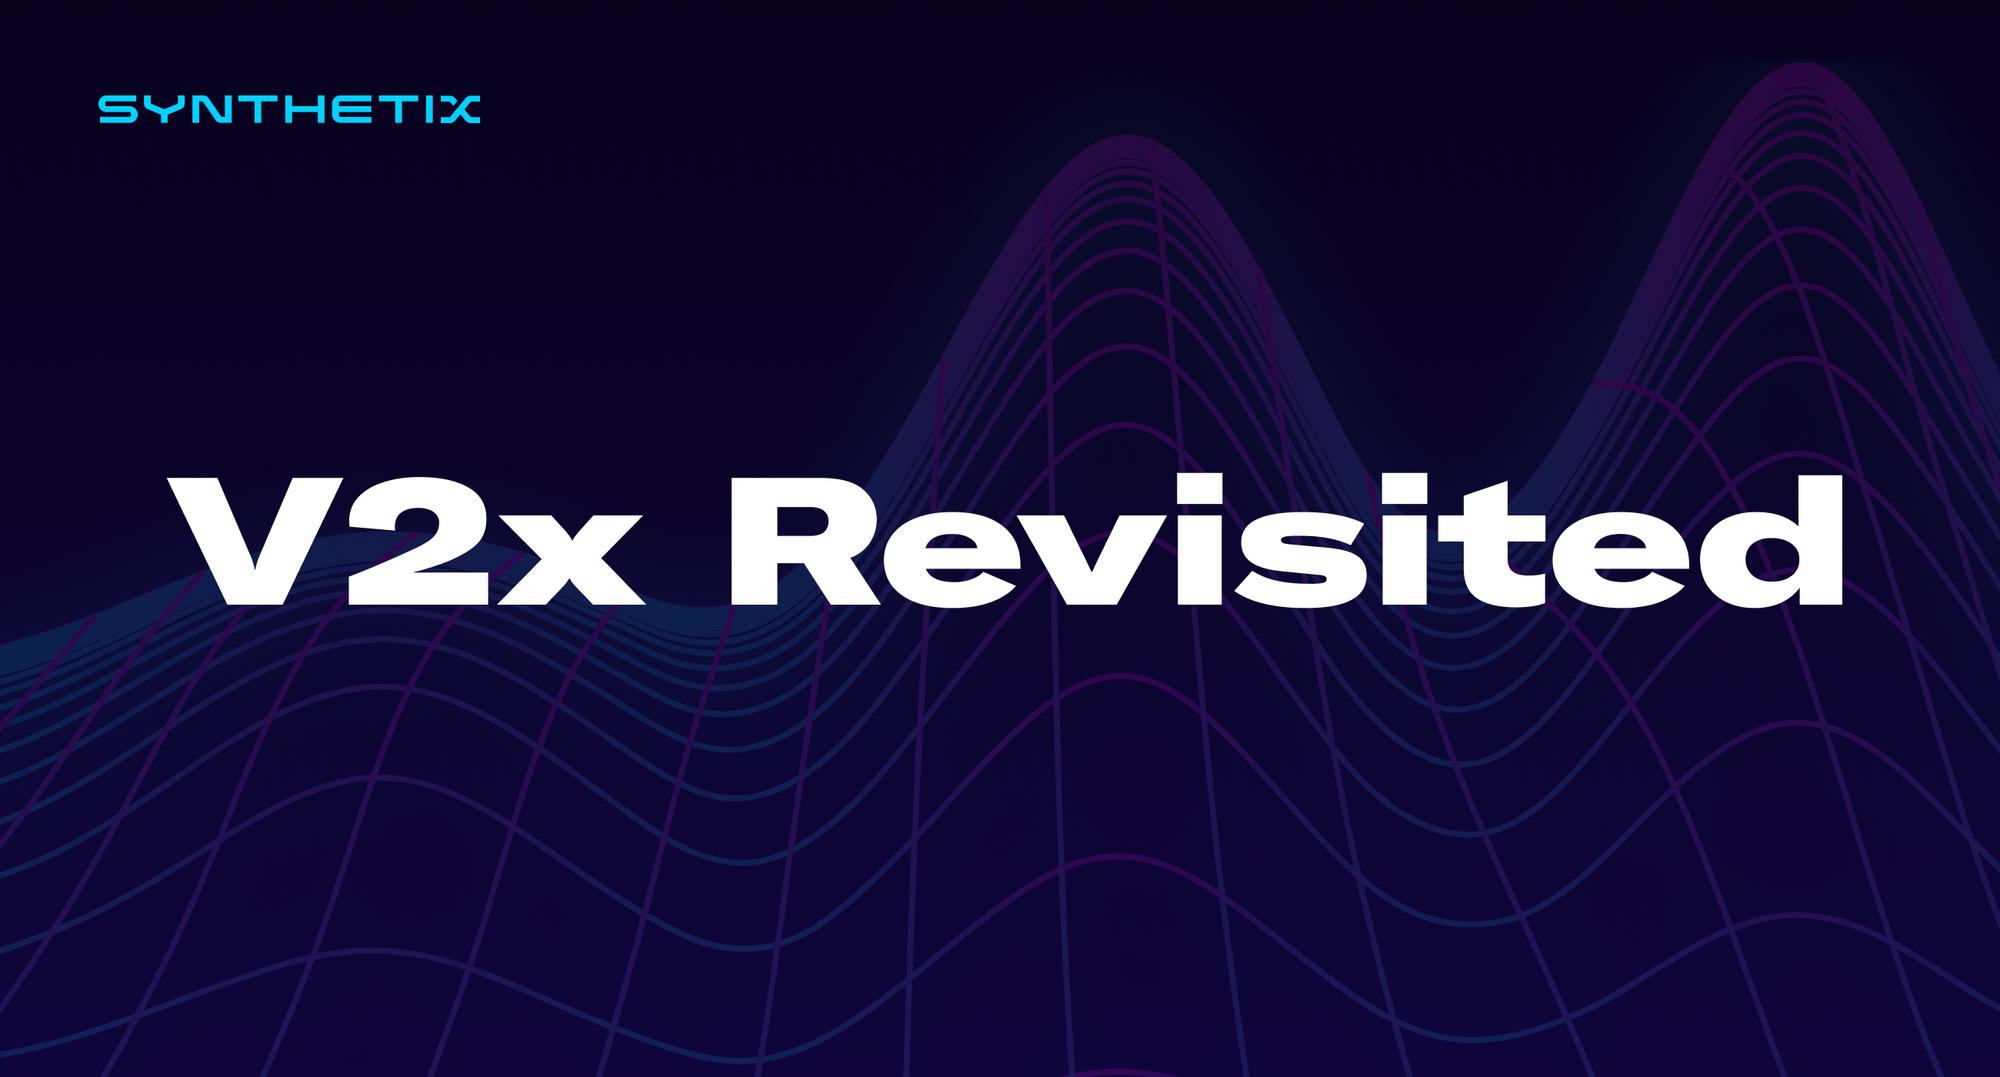 V2x Revisited